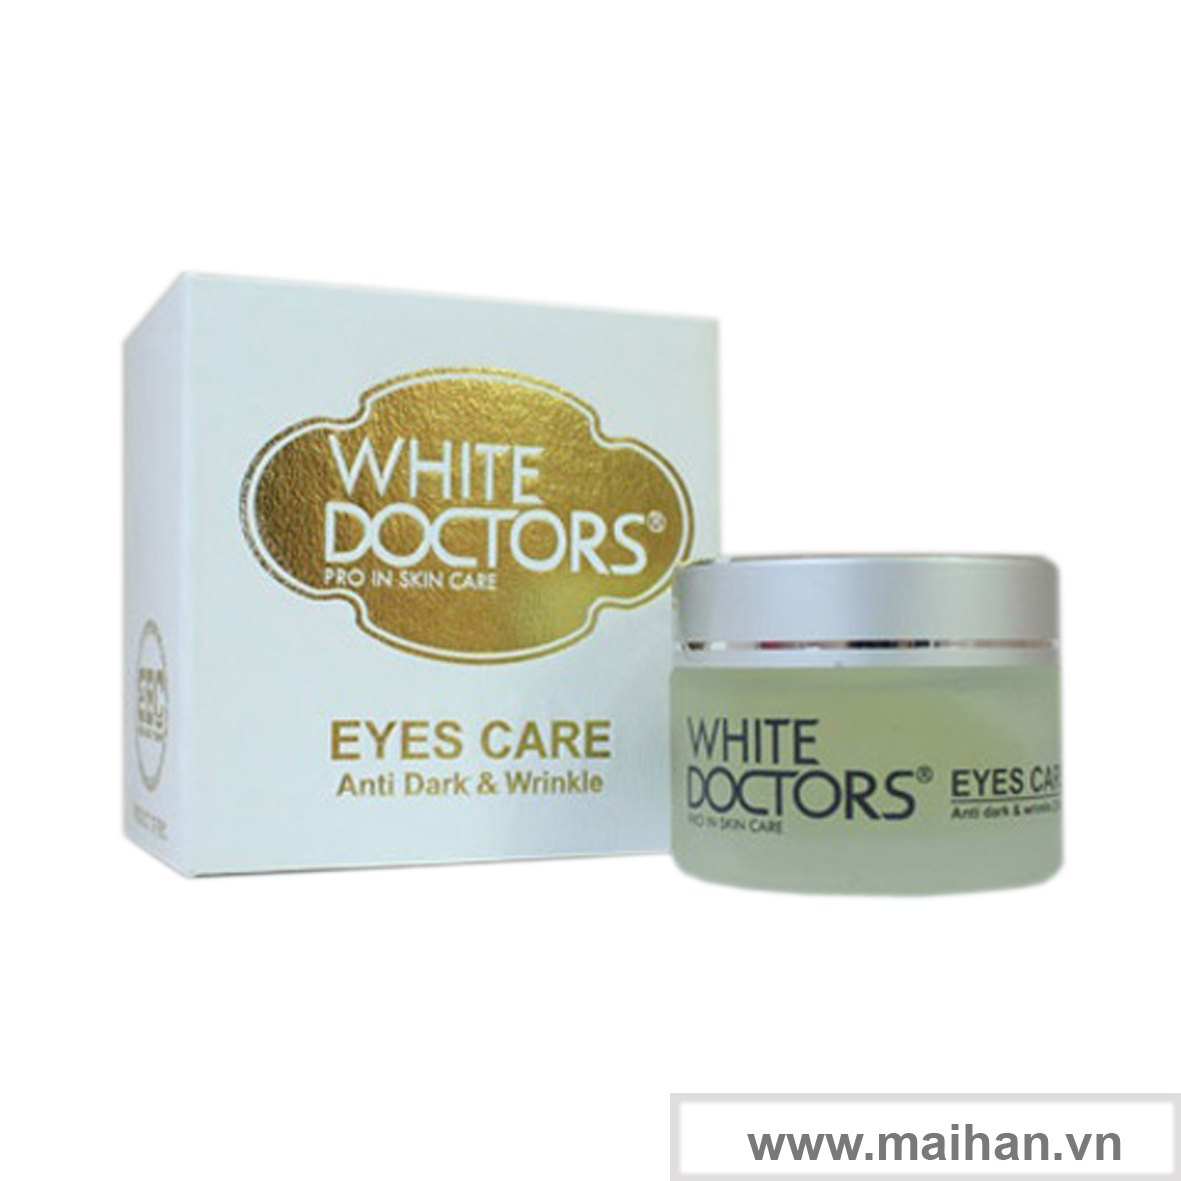 Kem chống thâm quầng mắt White Doctors là bí quyết giúp bạn hết thâm quầng mắt nhanh nhất